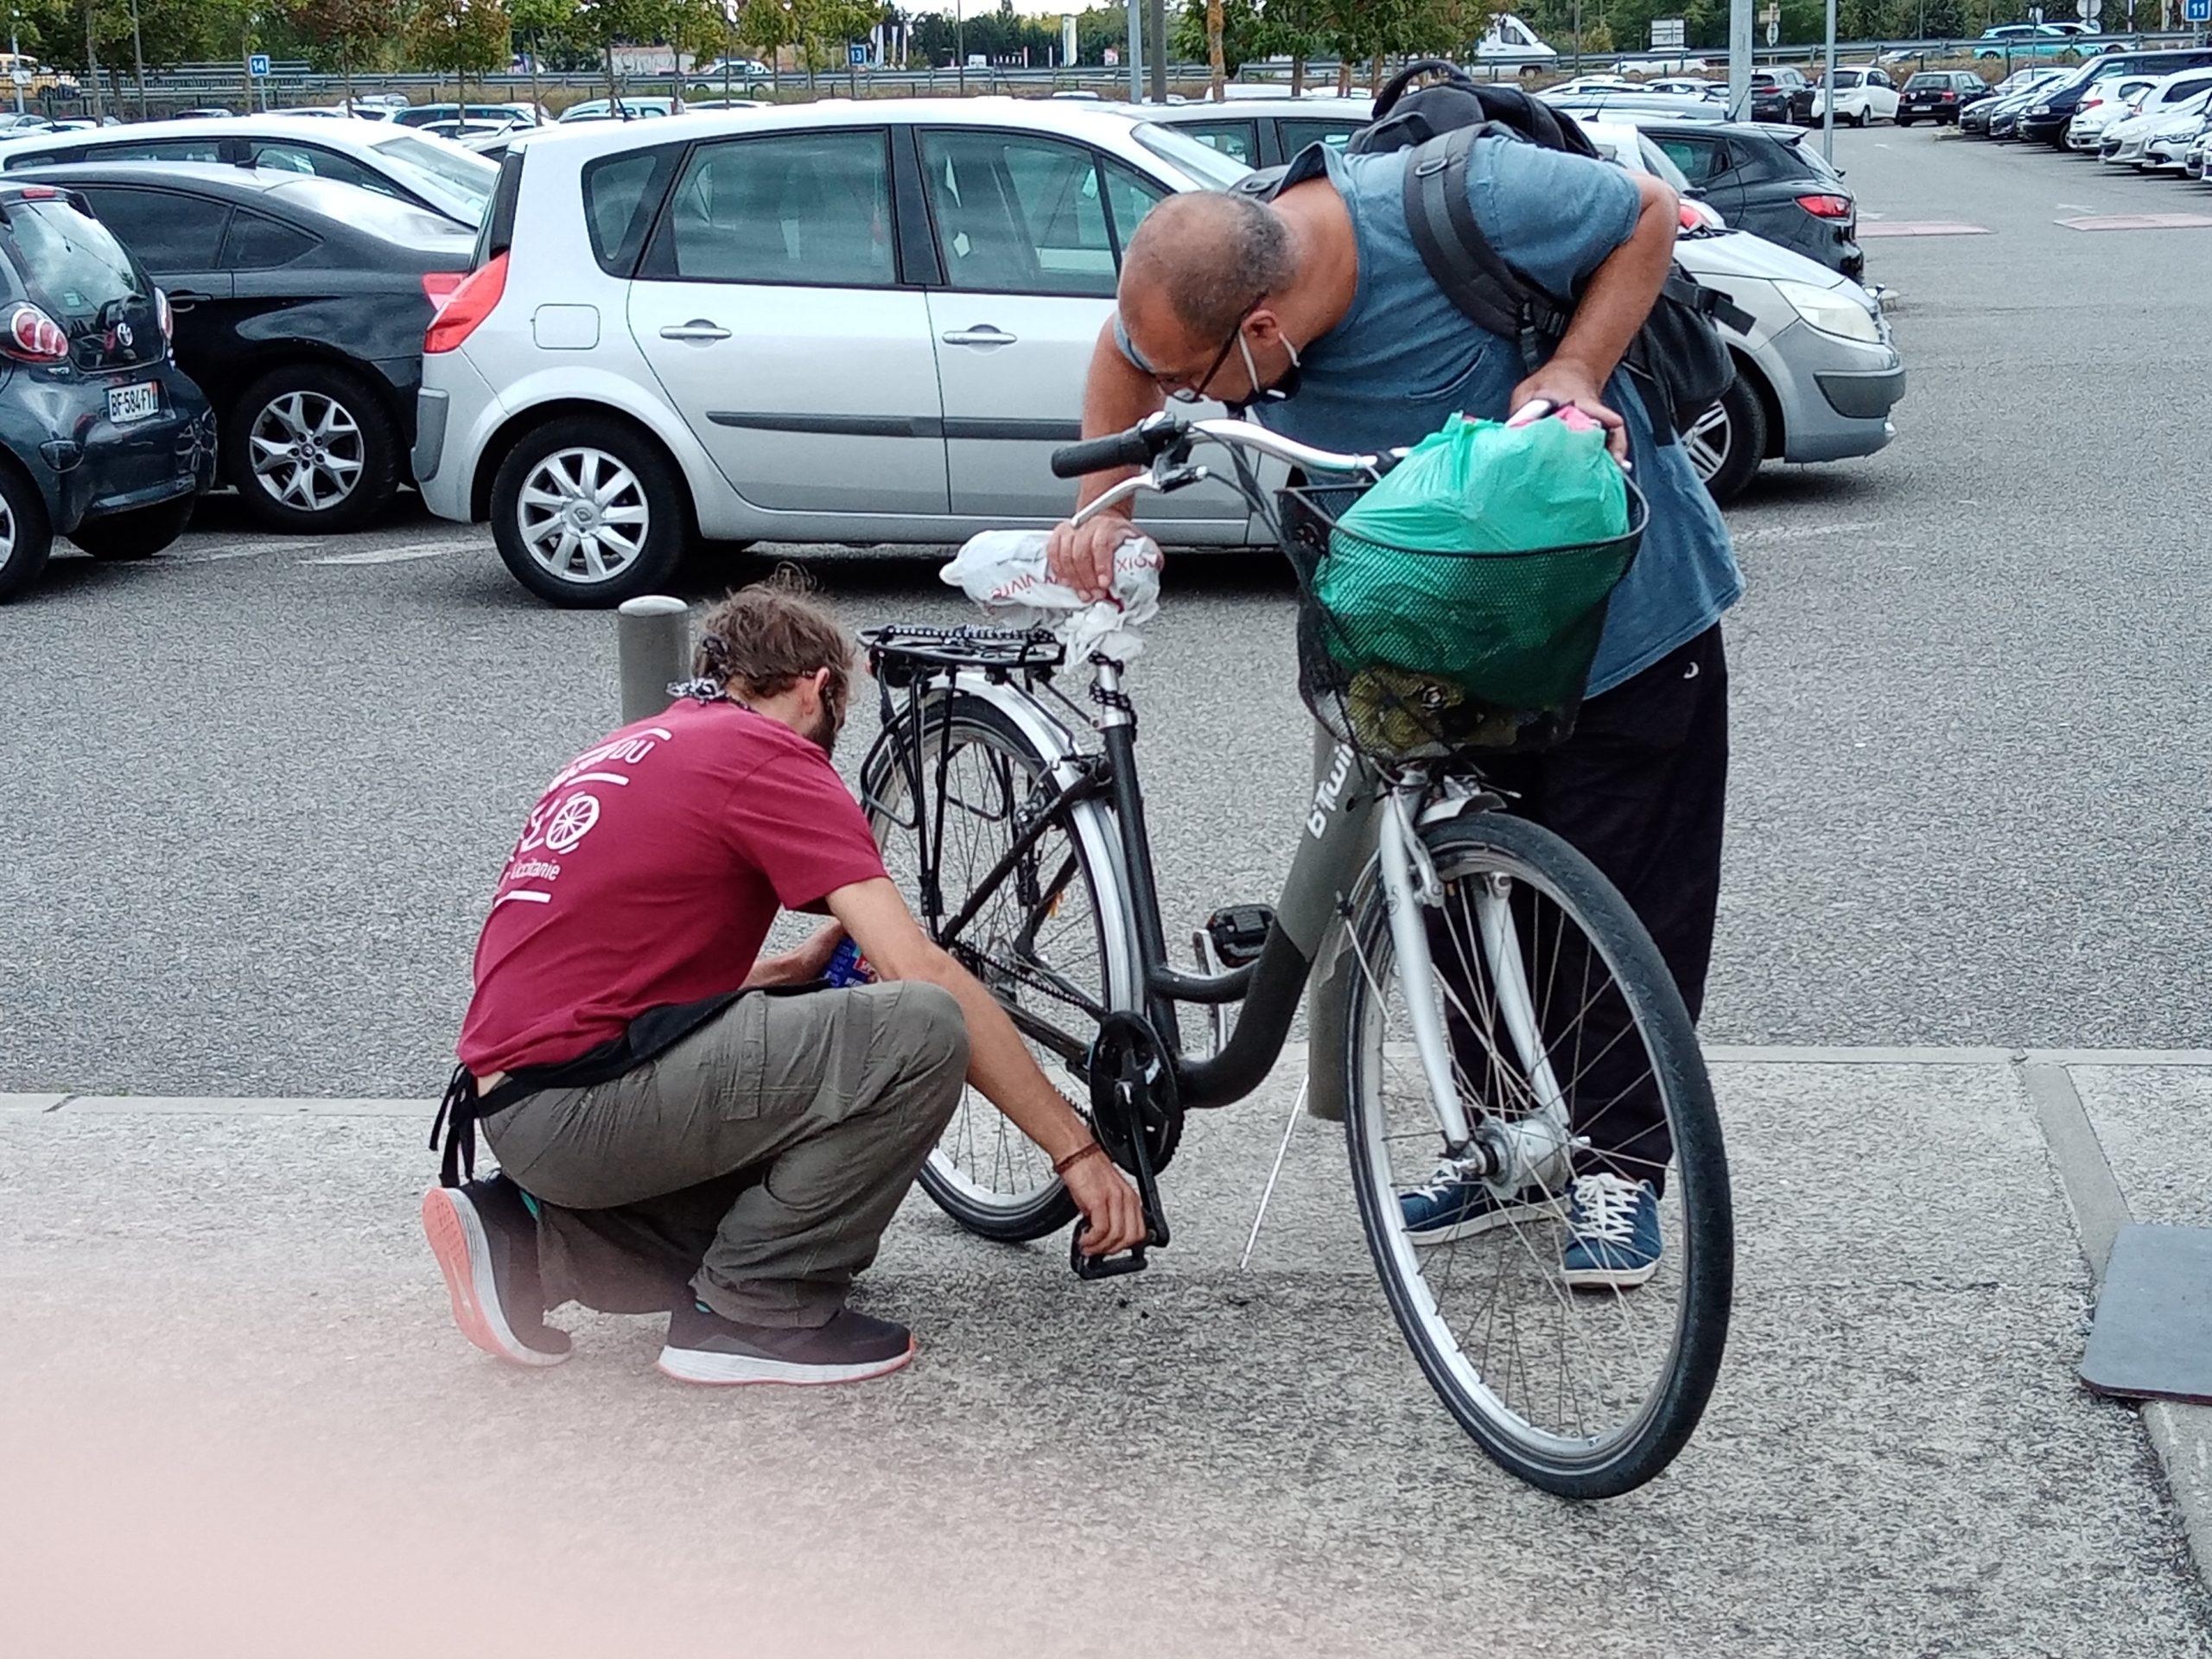 réparation vélo station v labège